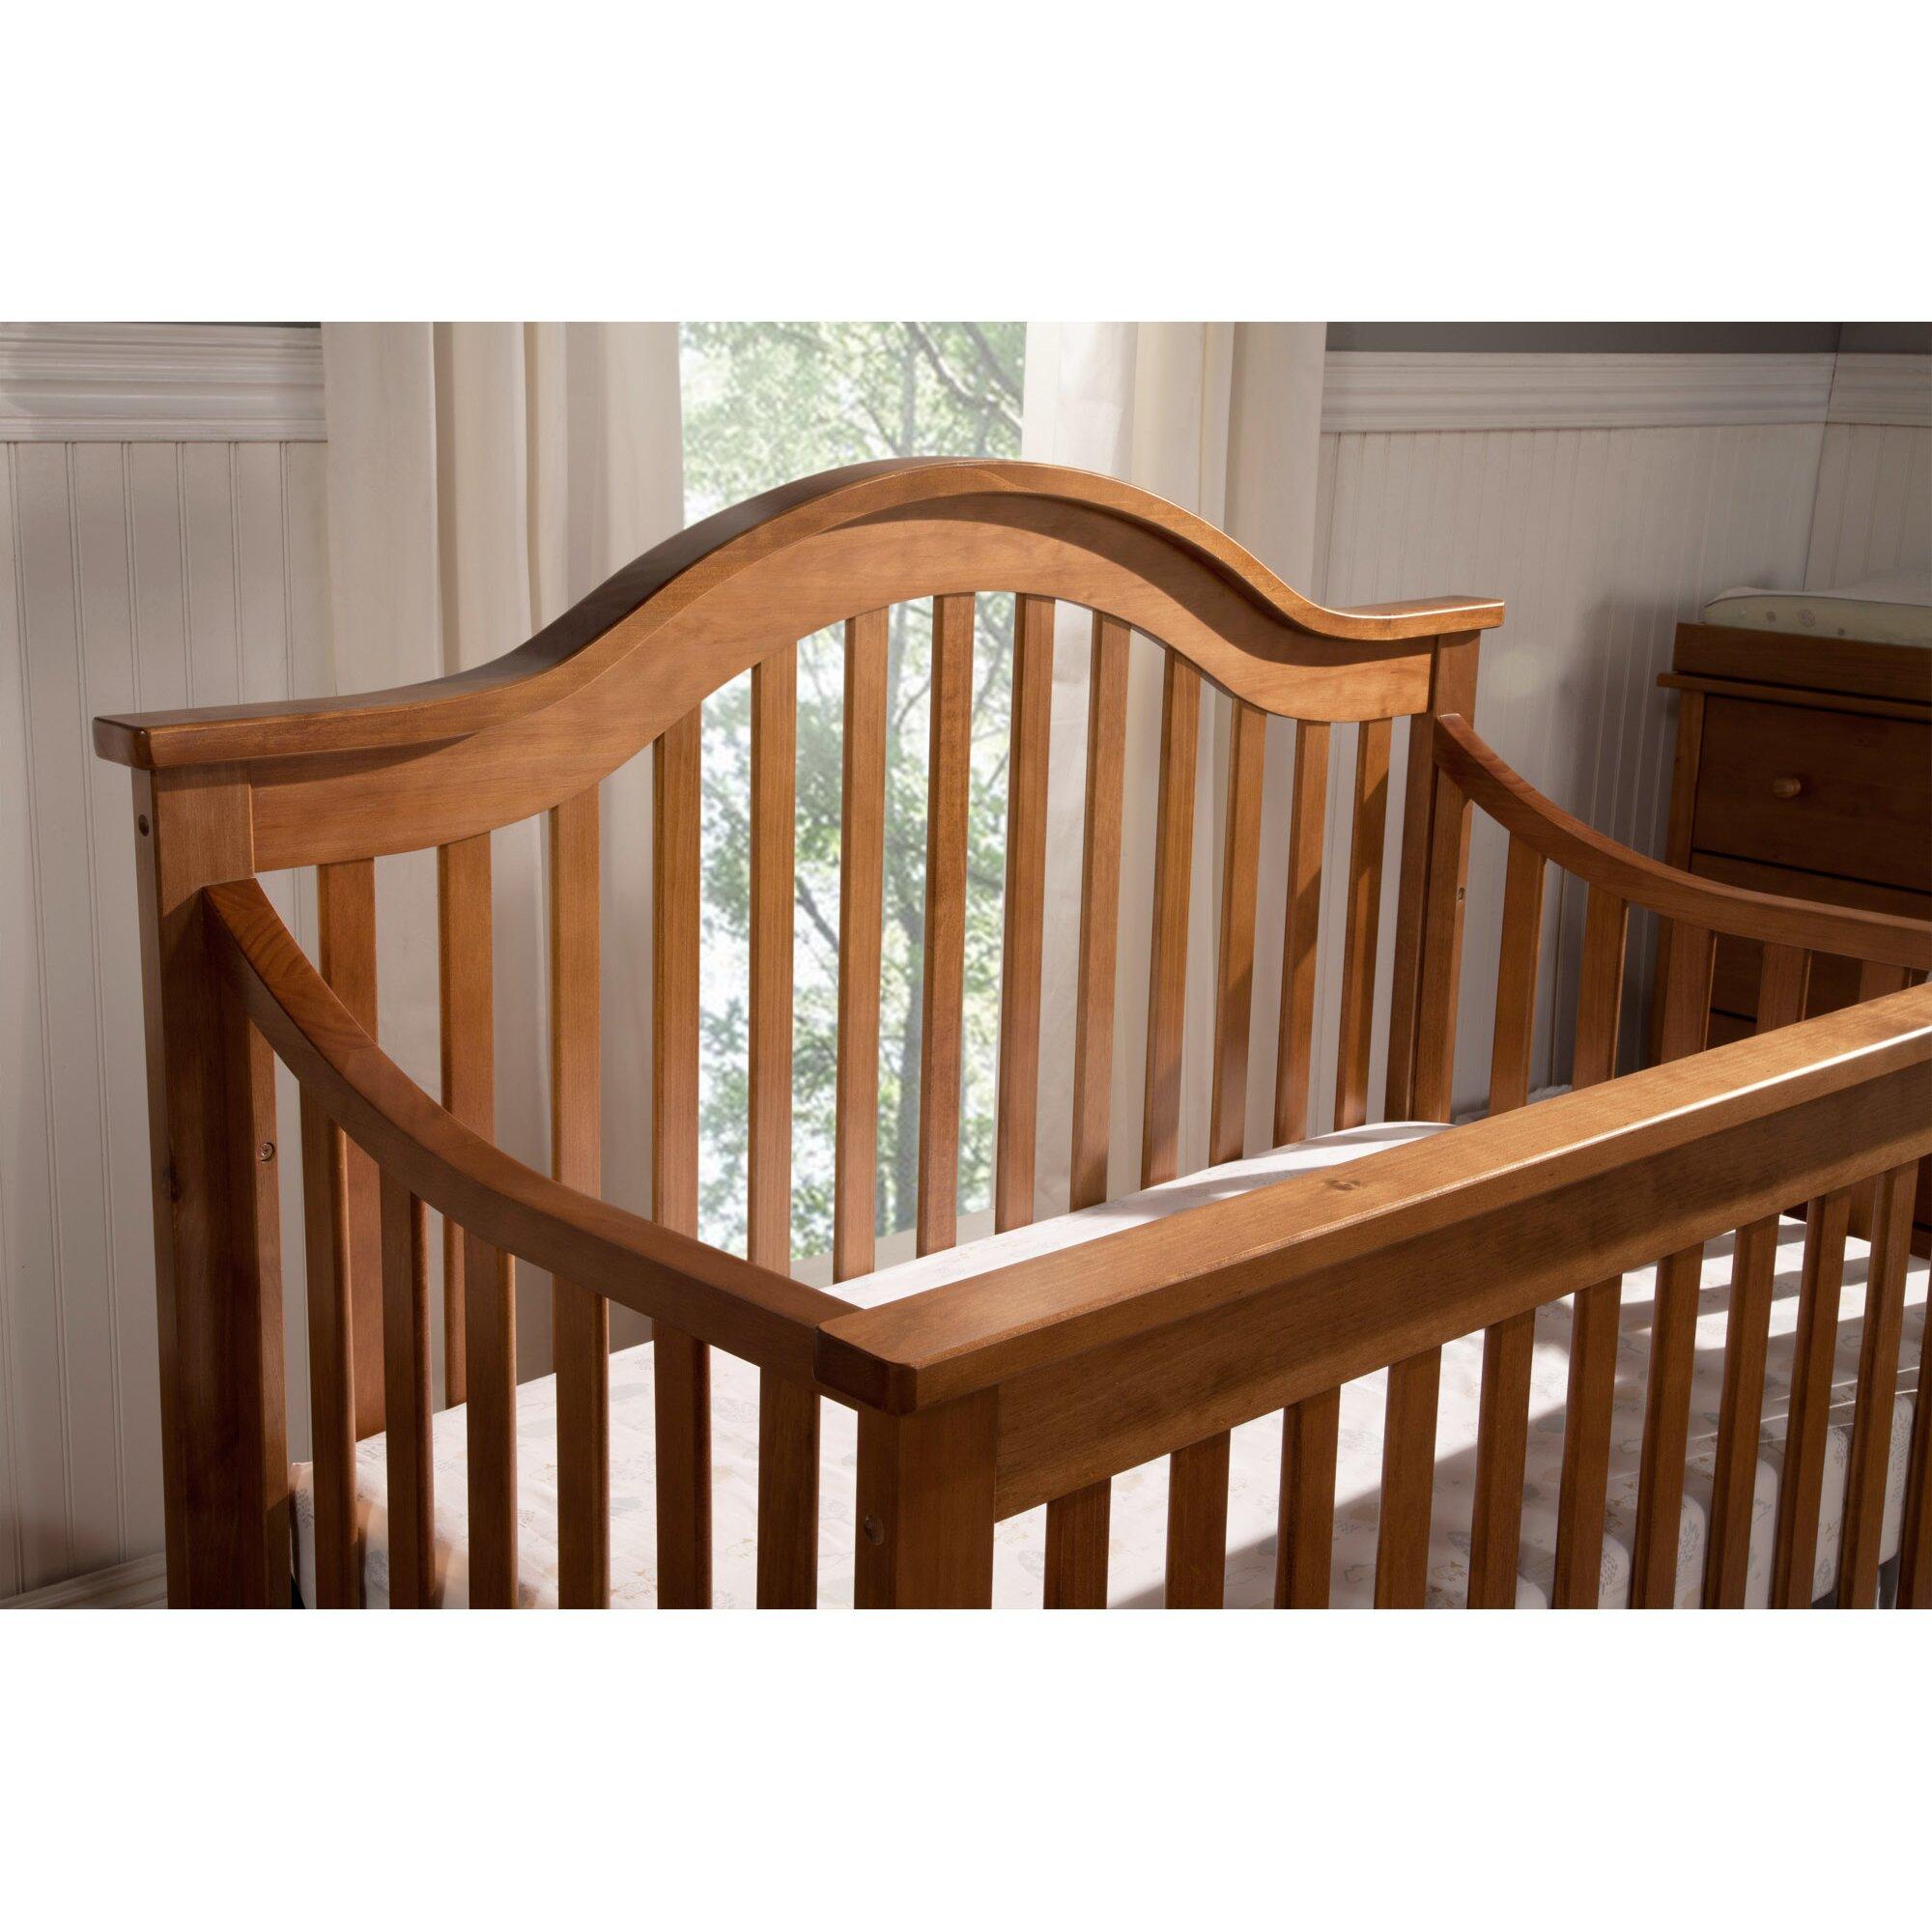 DaVinci Clover 4-in-1 Convertible Crib & Reviews